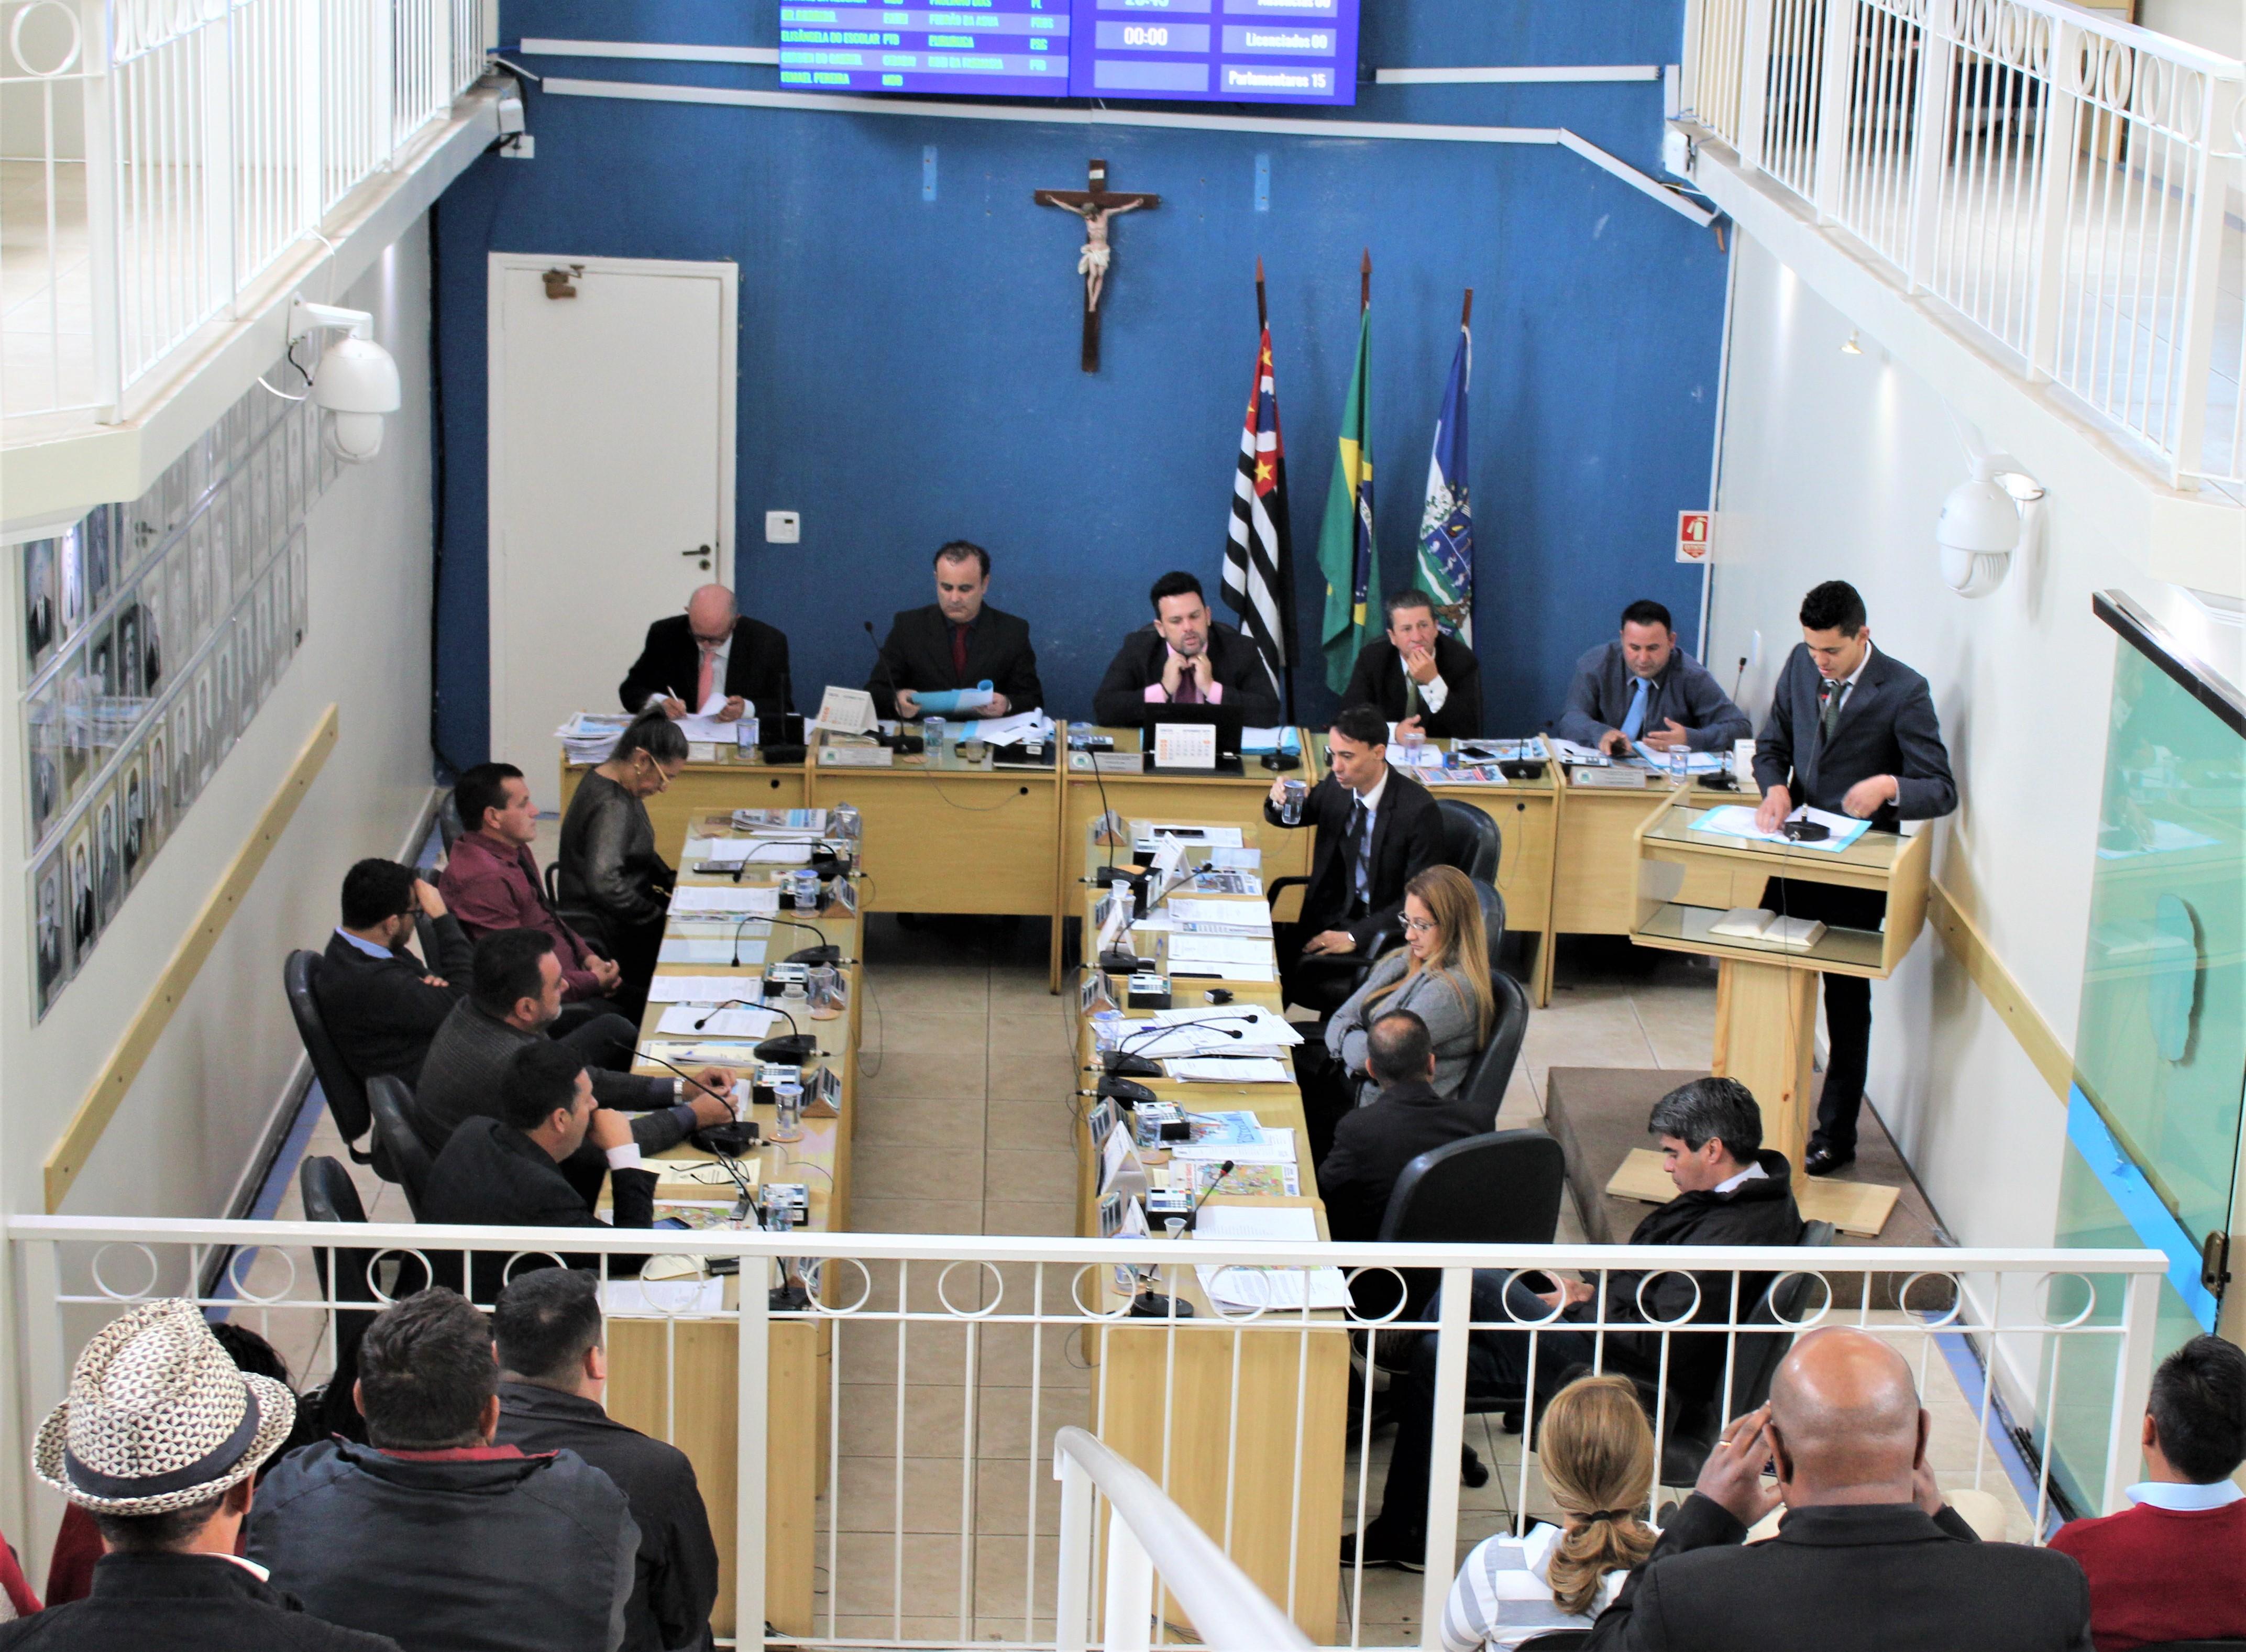 Sessão tem regularização de ruas, nomeações e homenagens de patrimônios públicos